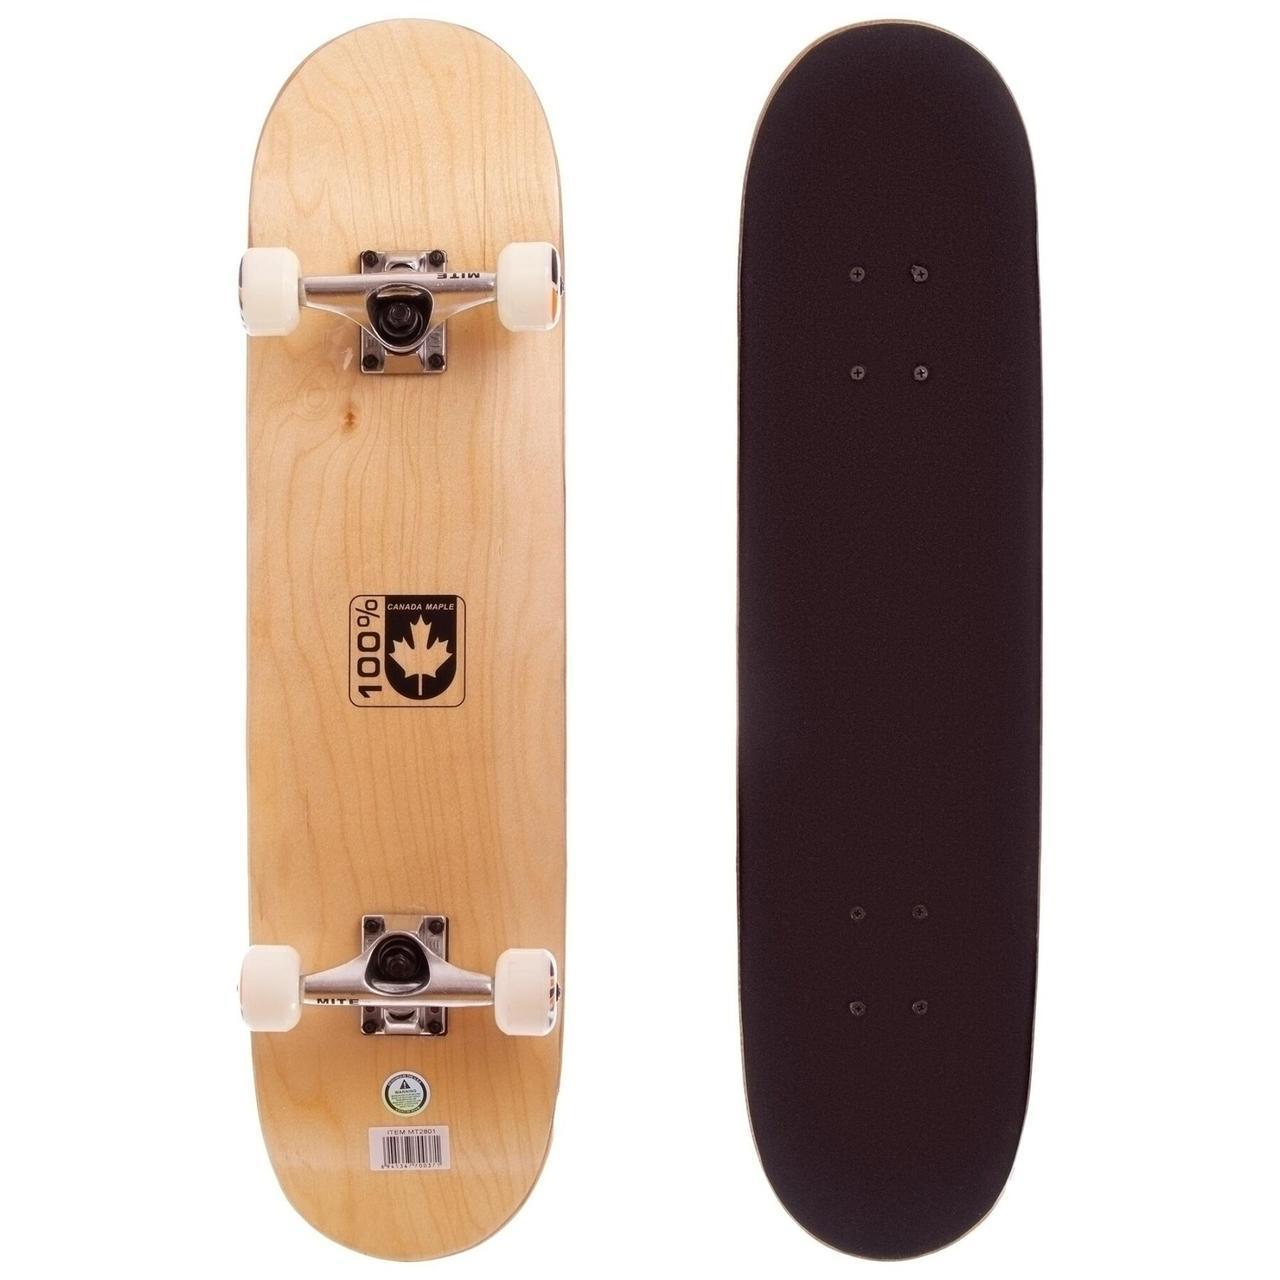 Скейтборд трюковый из канадского клена Canadian Maple 100%